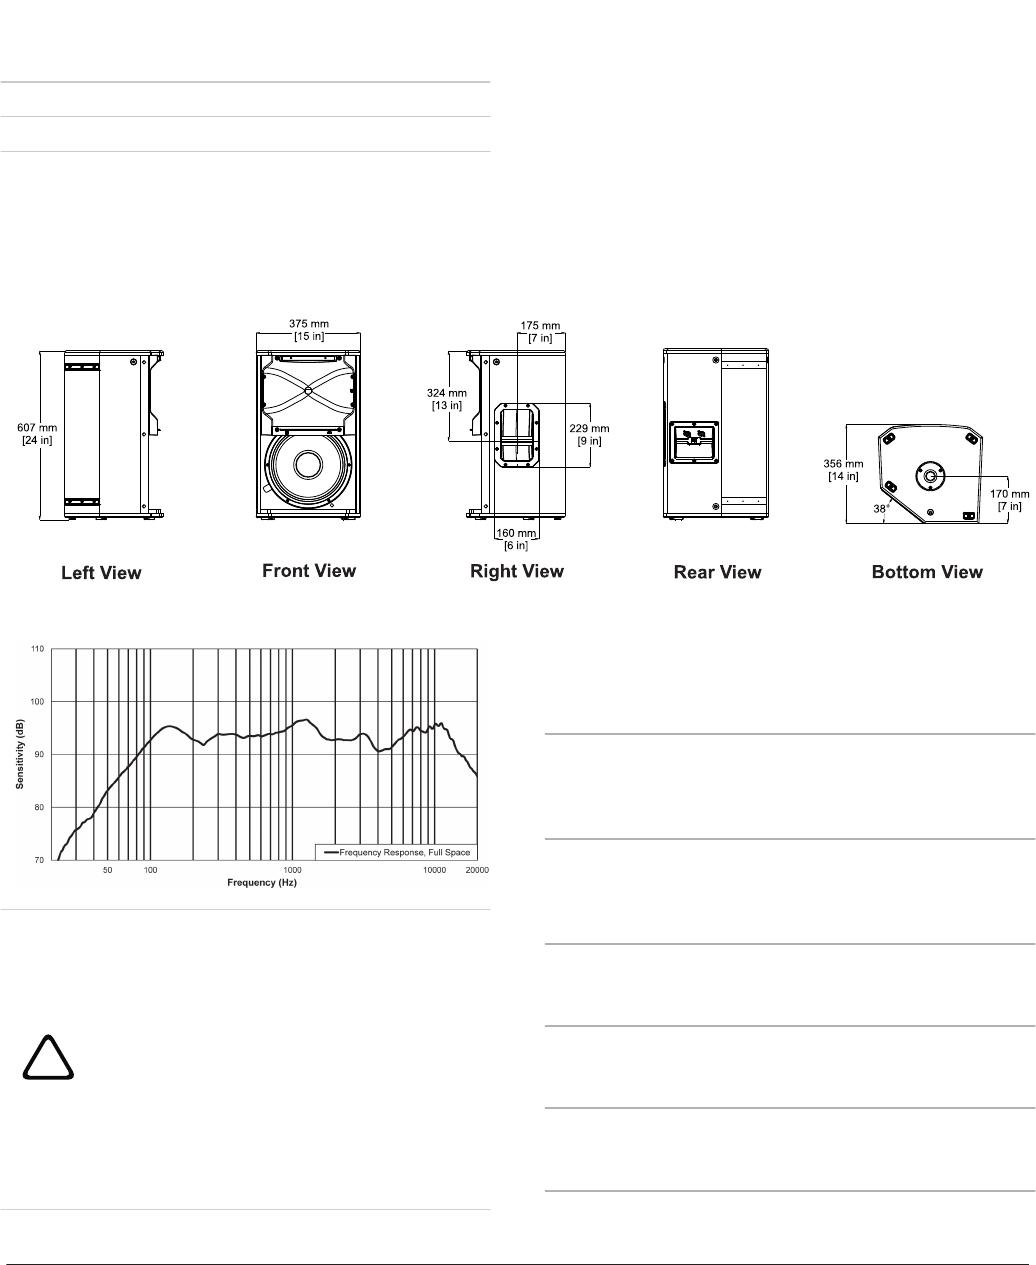 kg 175a user manual pdf rh kg 175a user manual pdf tempower us User Manual PDF Owner's Manual